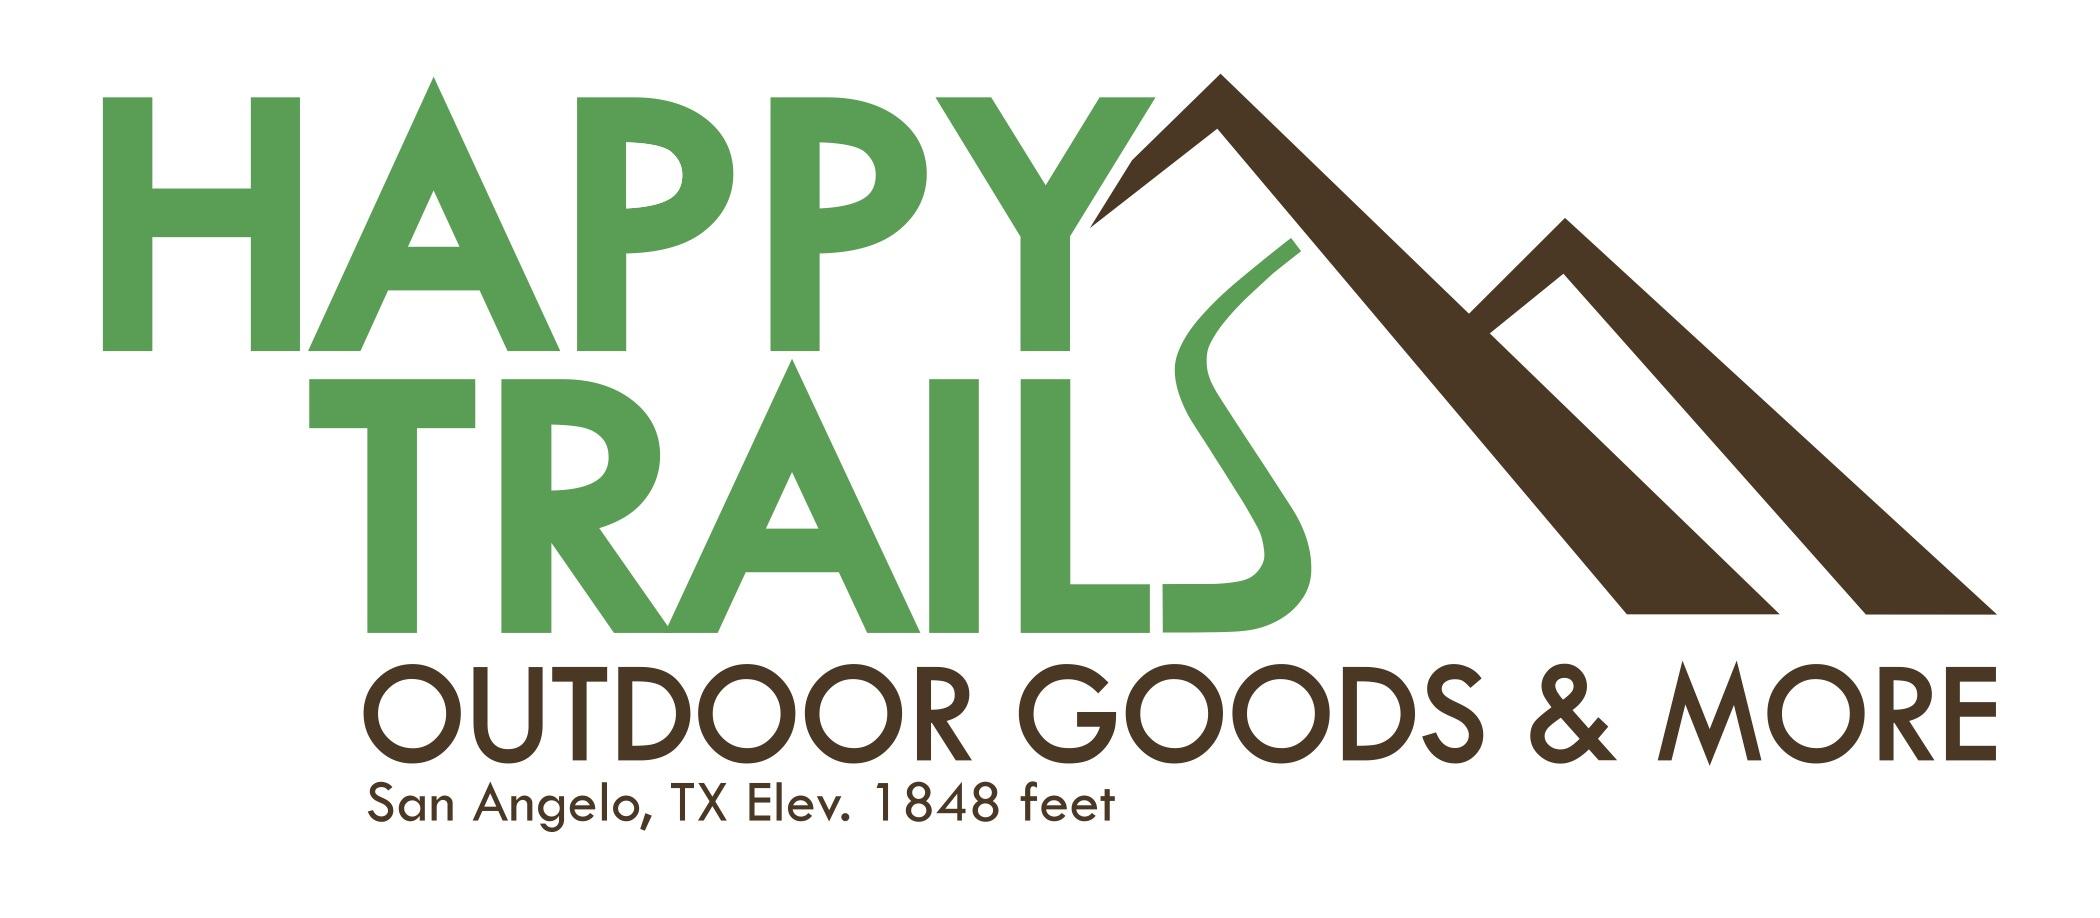 Happy Trails Outdoor Goods